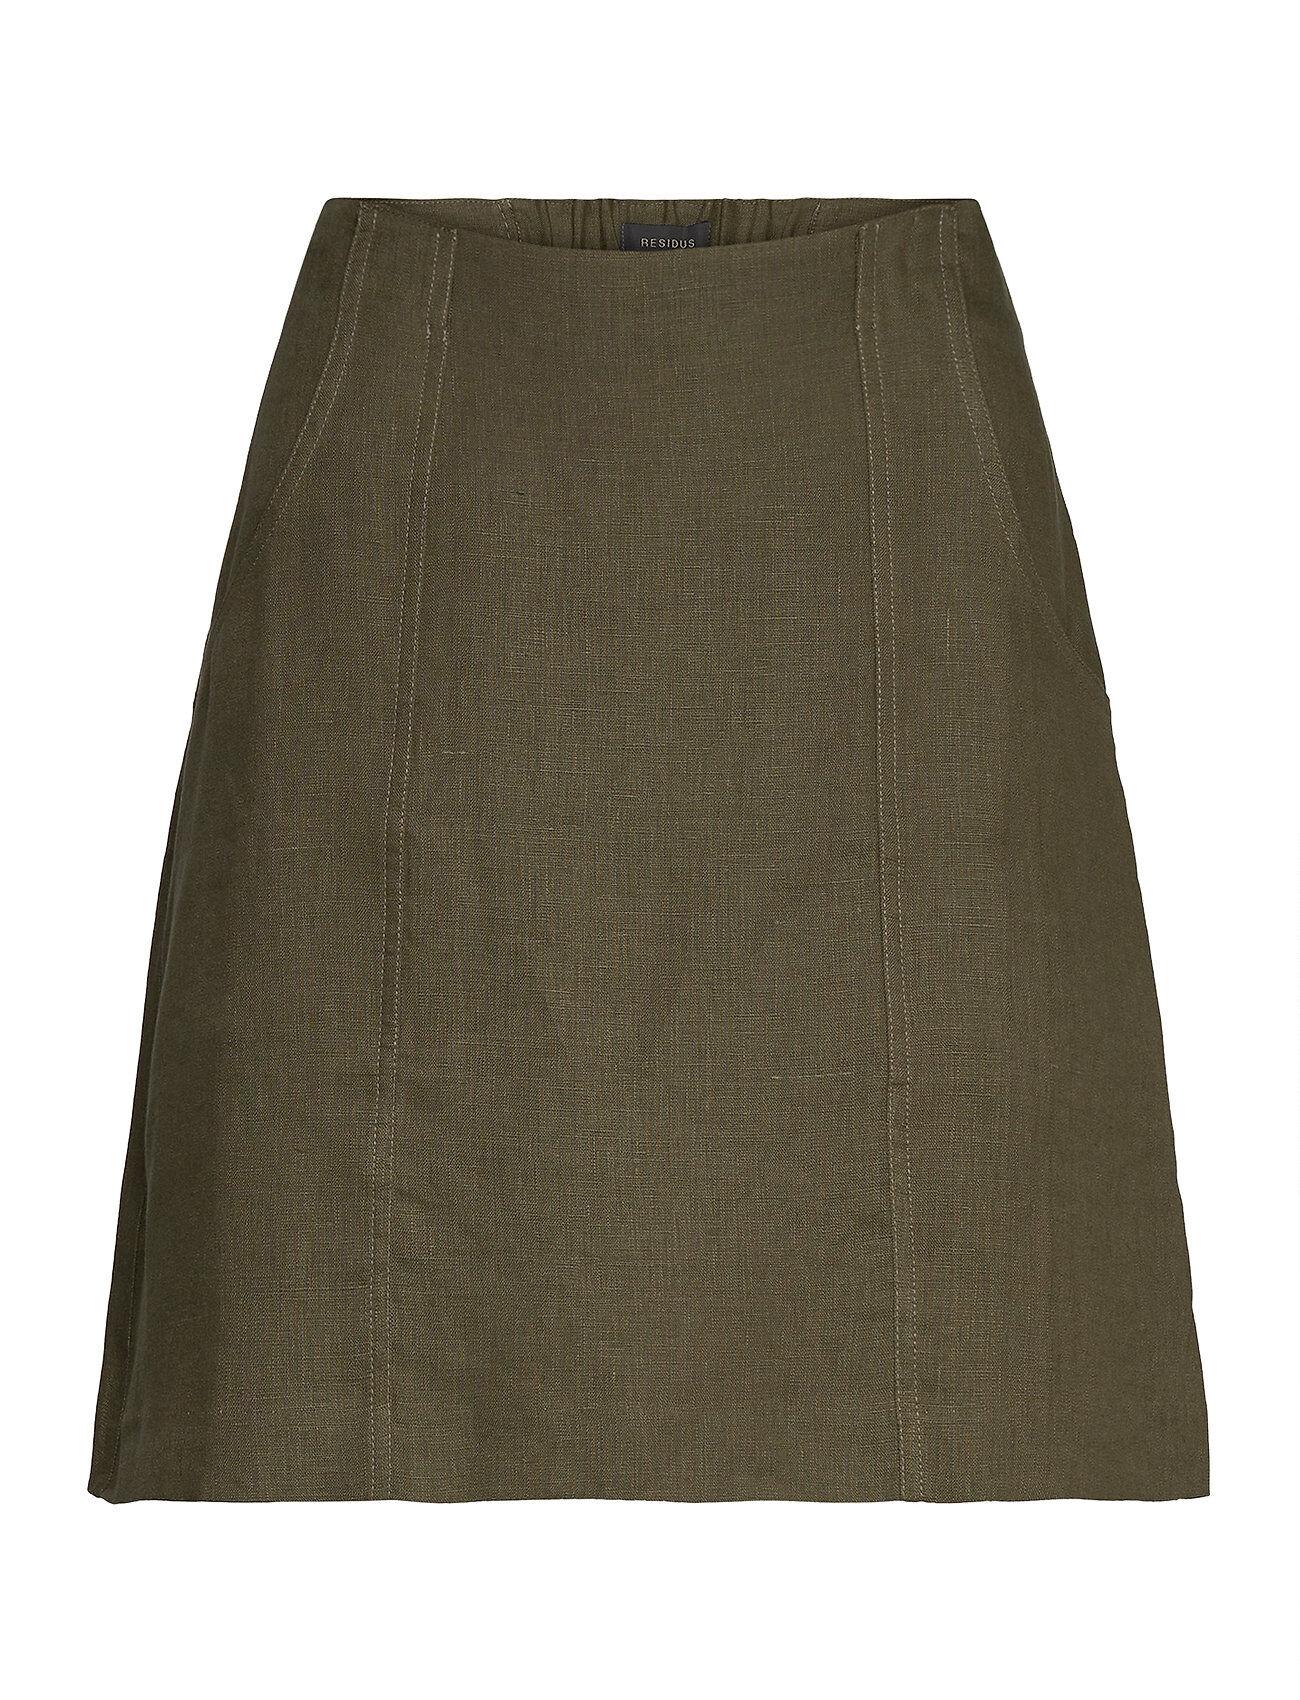 Residus Oak Linen Skirt Lyhyt Hame Vihreä Residus